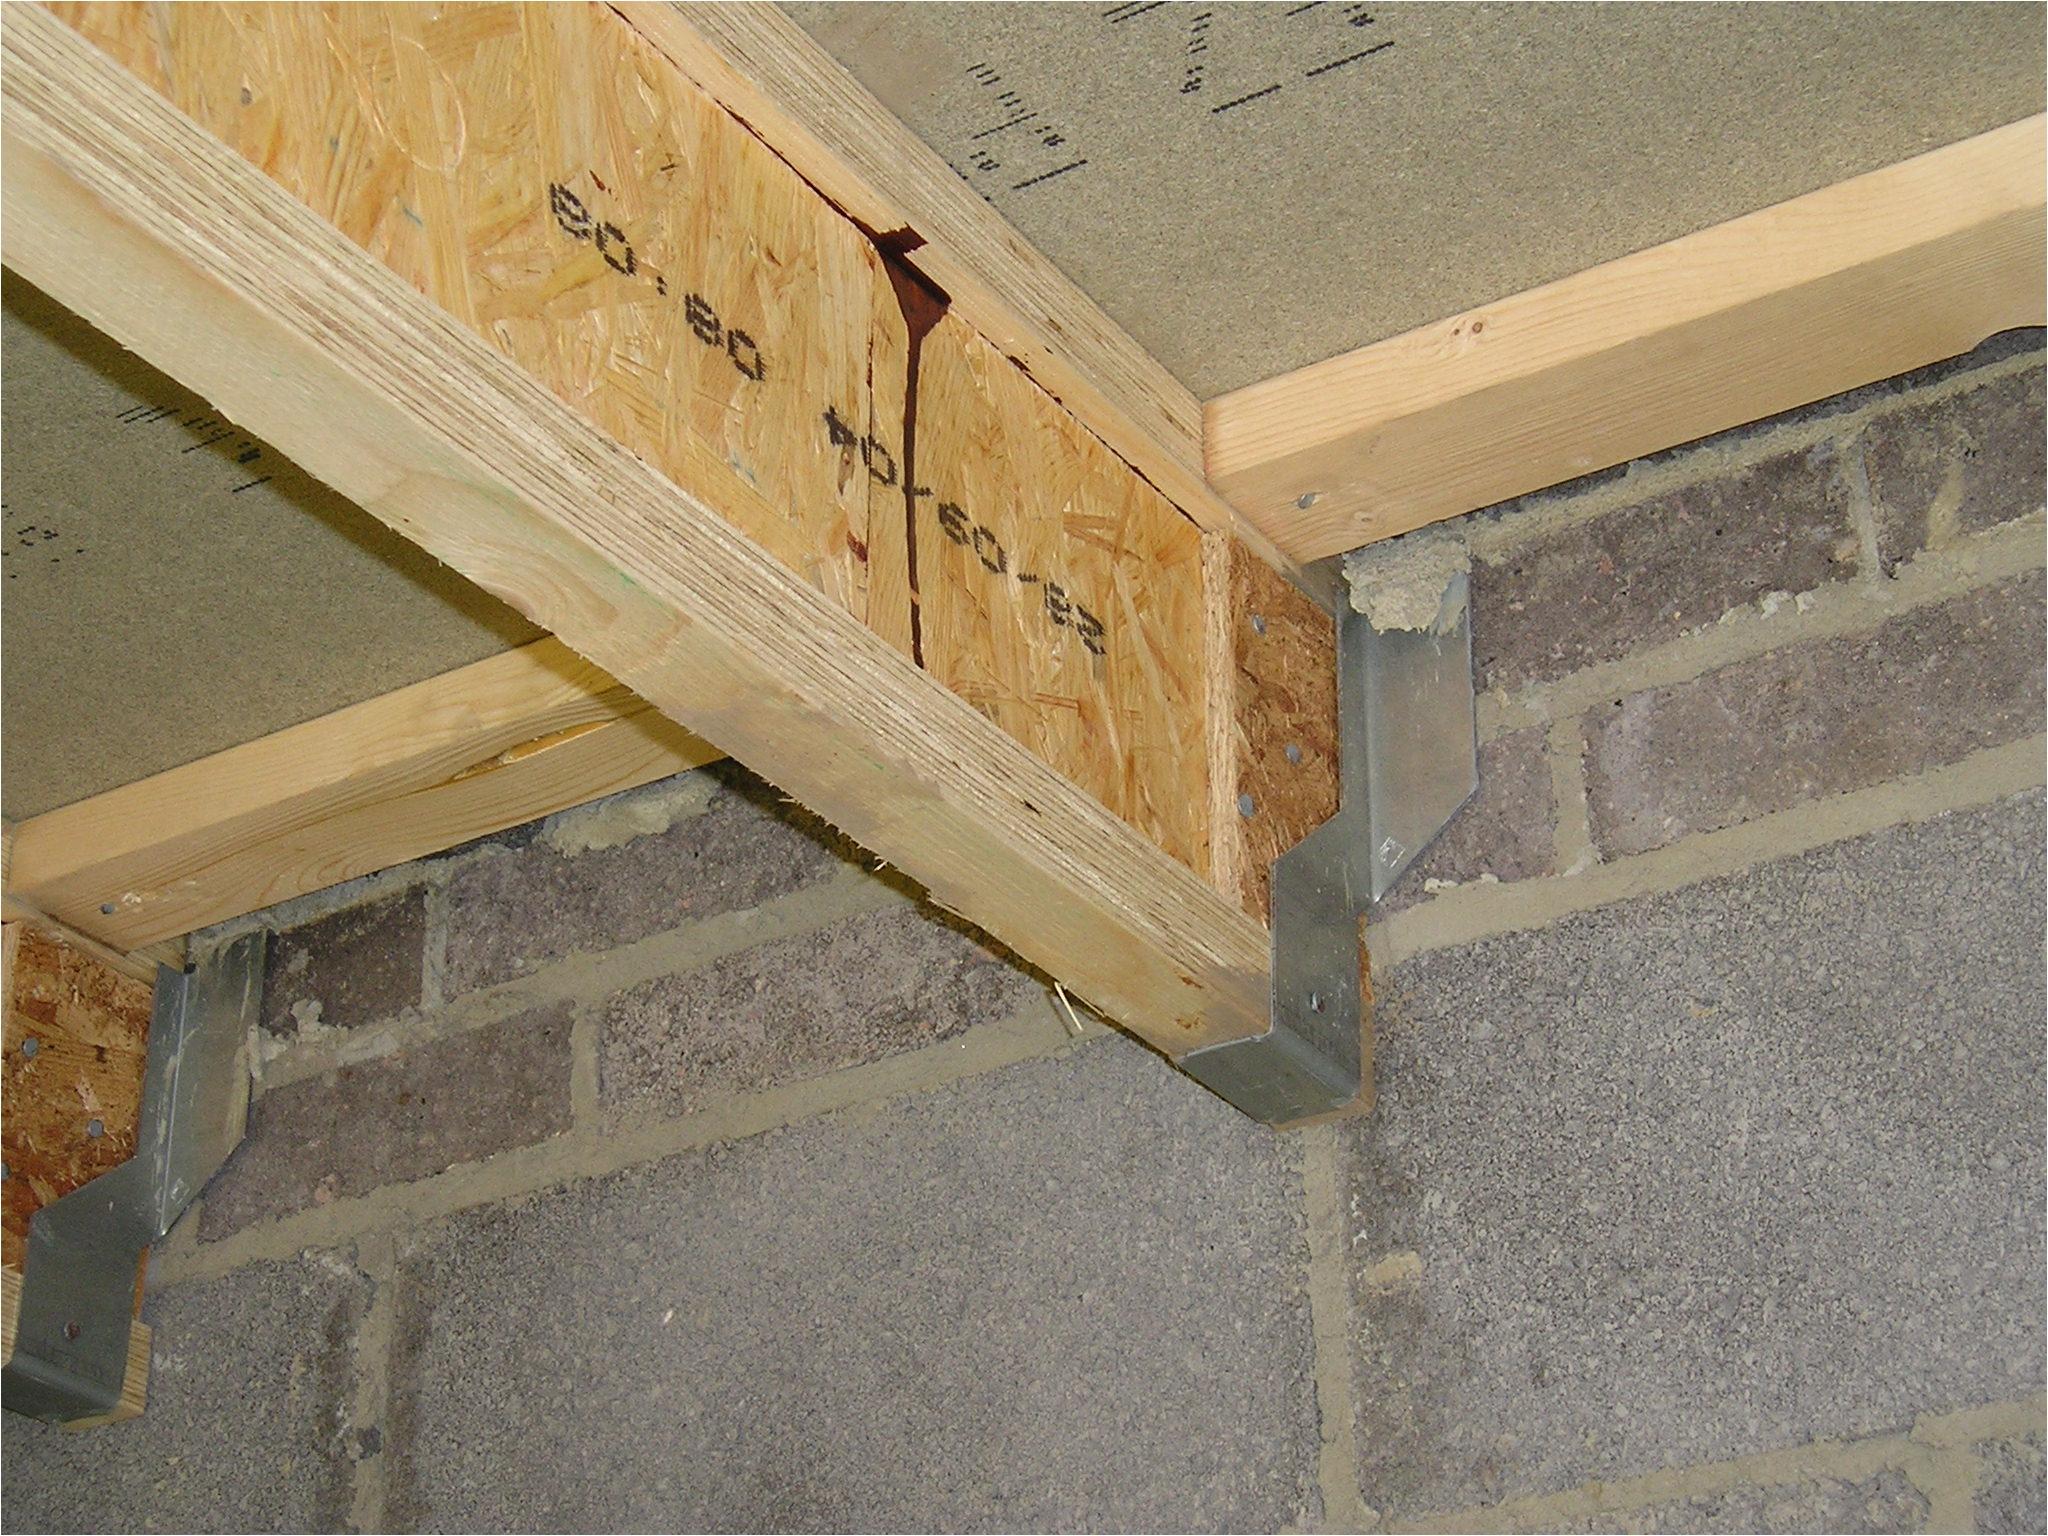 Suspended Timber Floor Joist Hangers Upper Floors